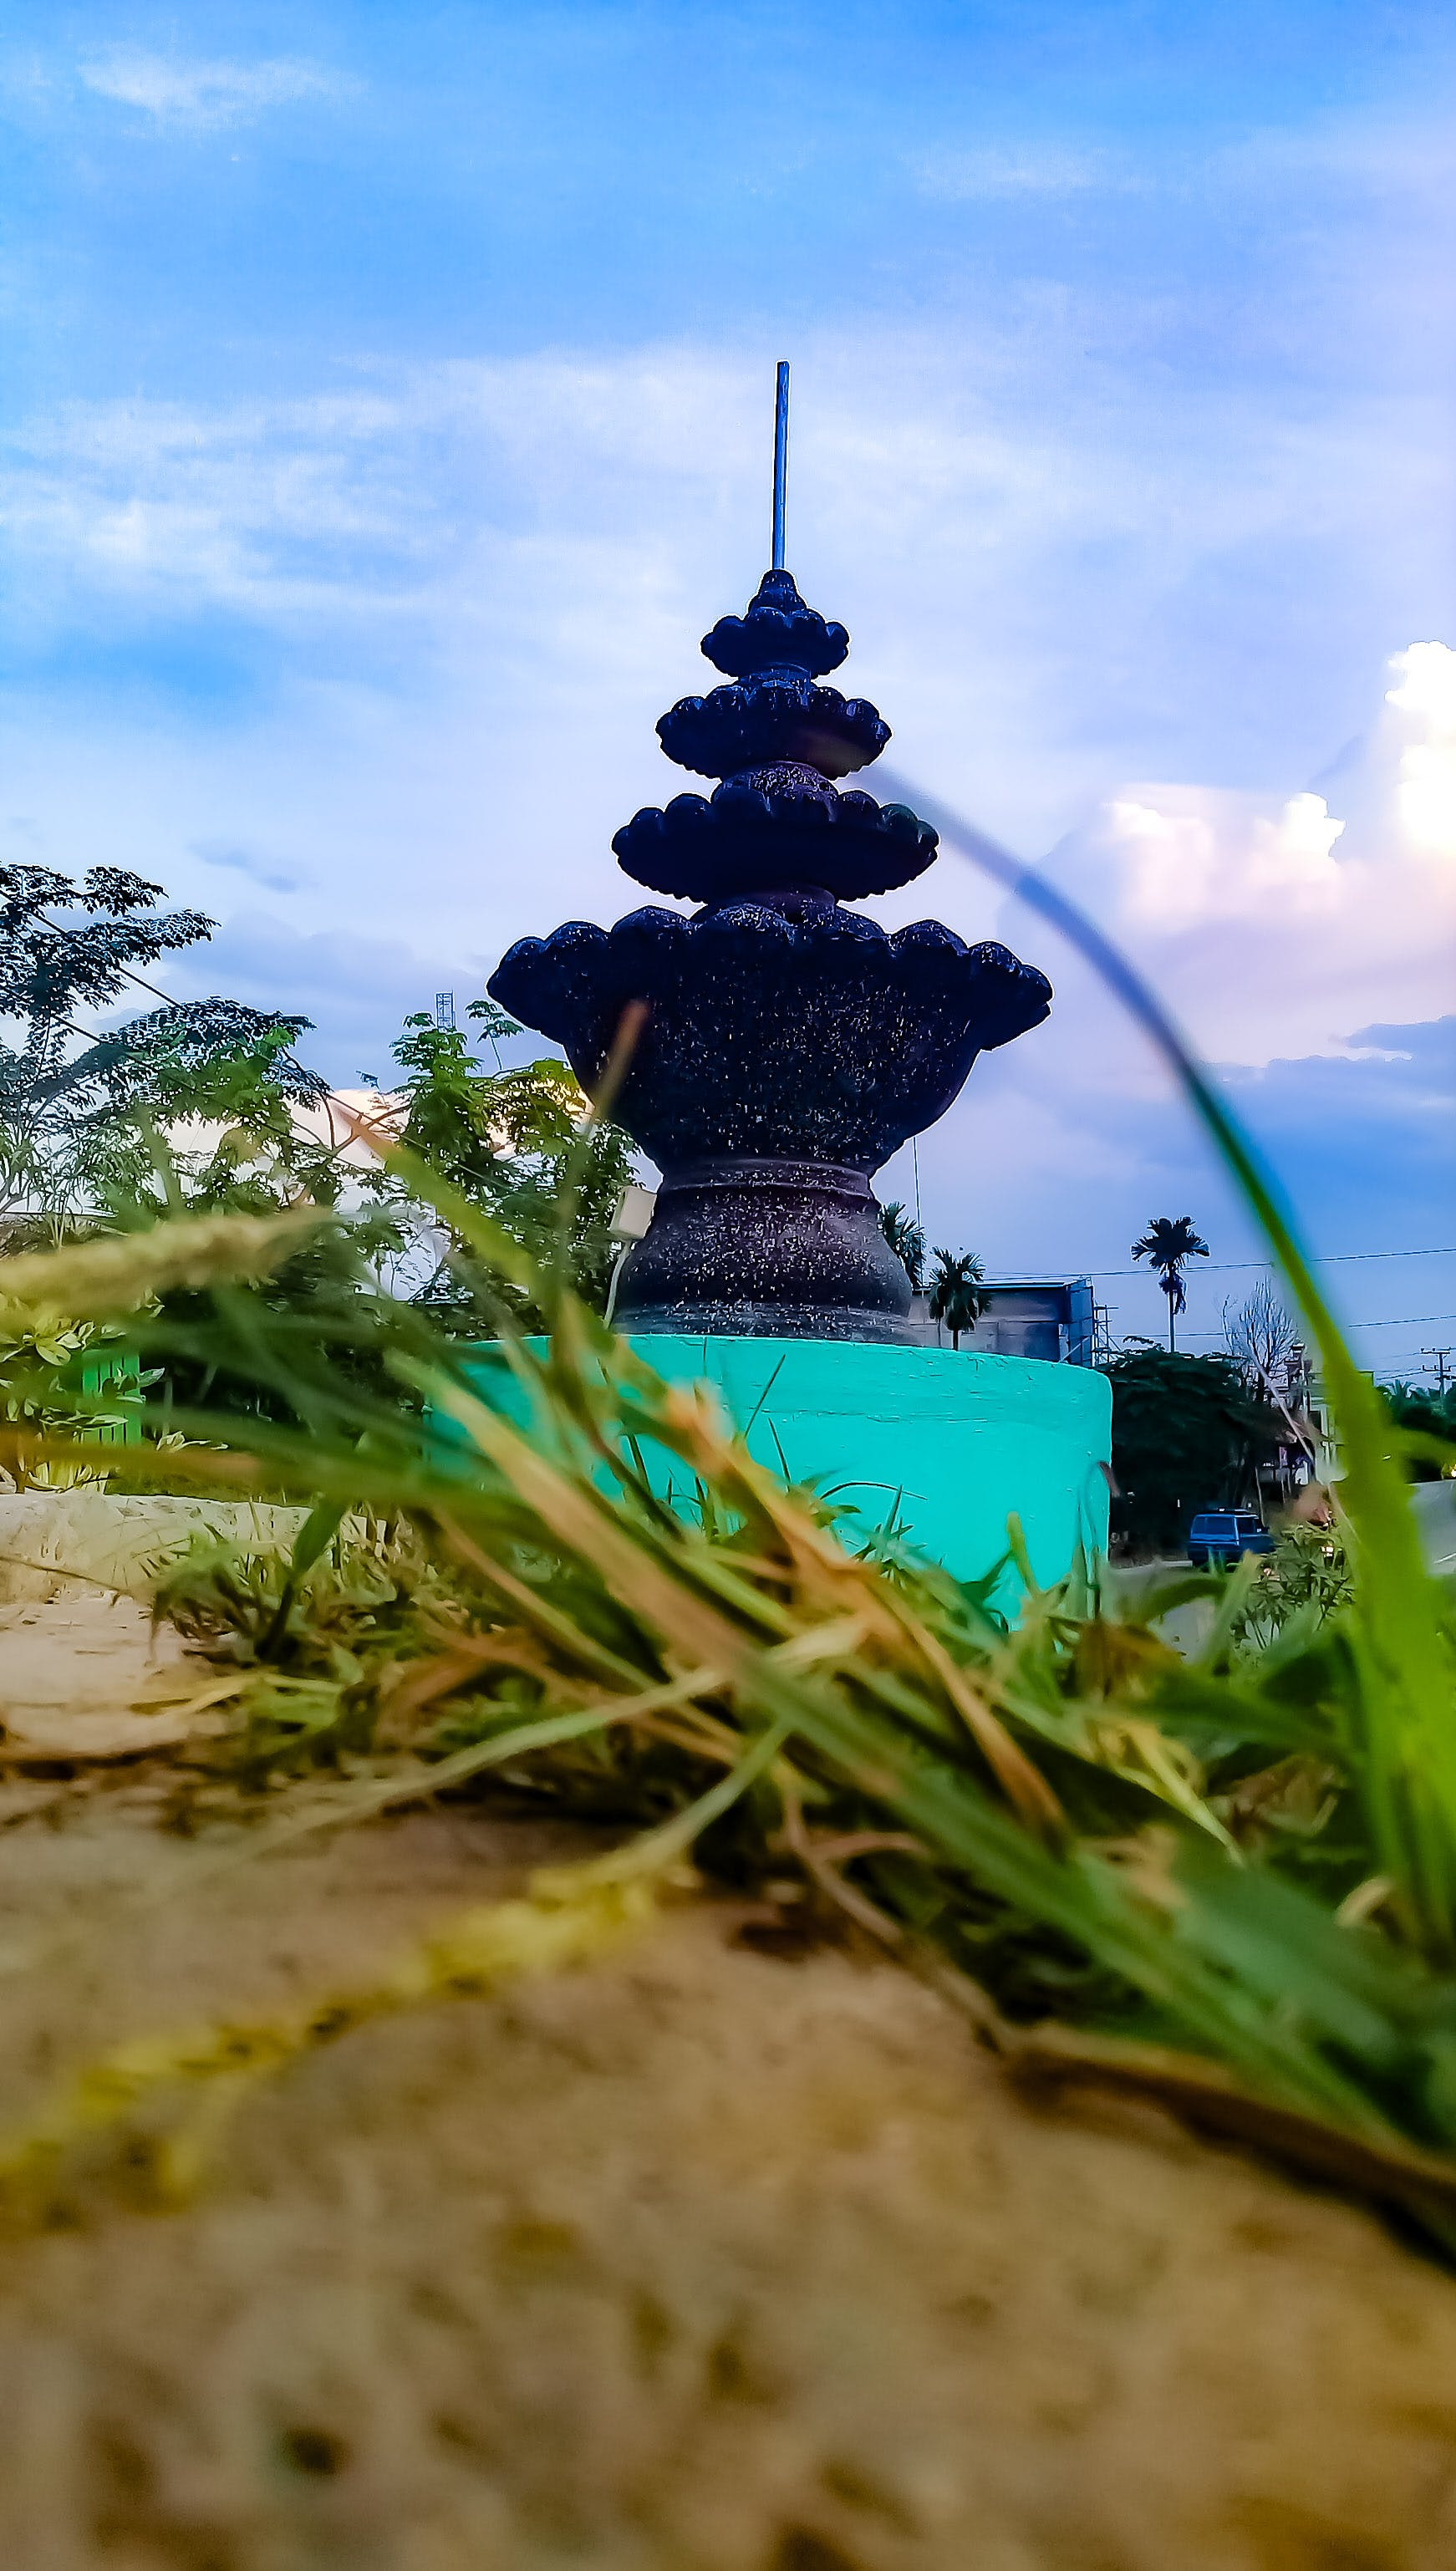 Free stock photo of blurred, focus, focus-through, indonesia